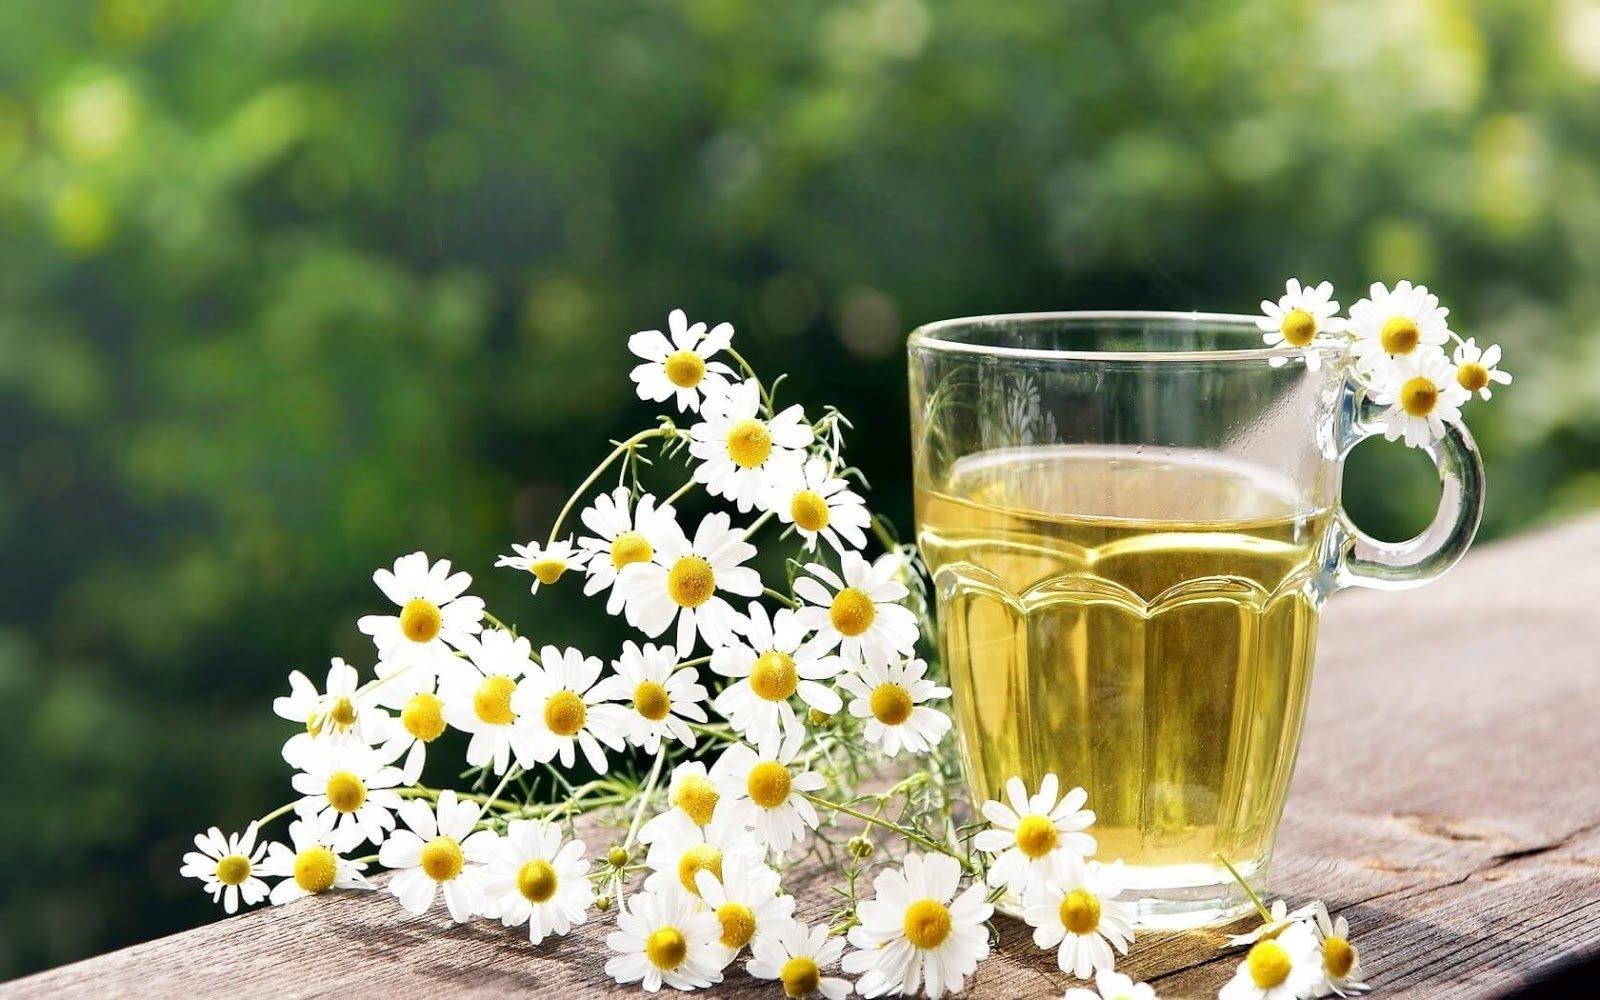 قناع البابونج والعسل لعلاج البشرة